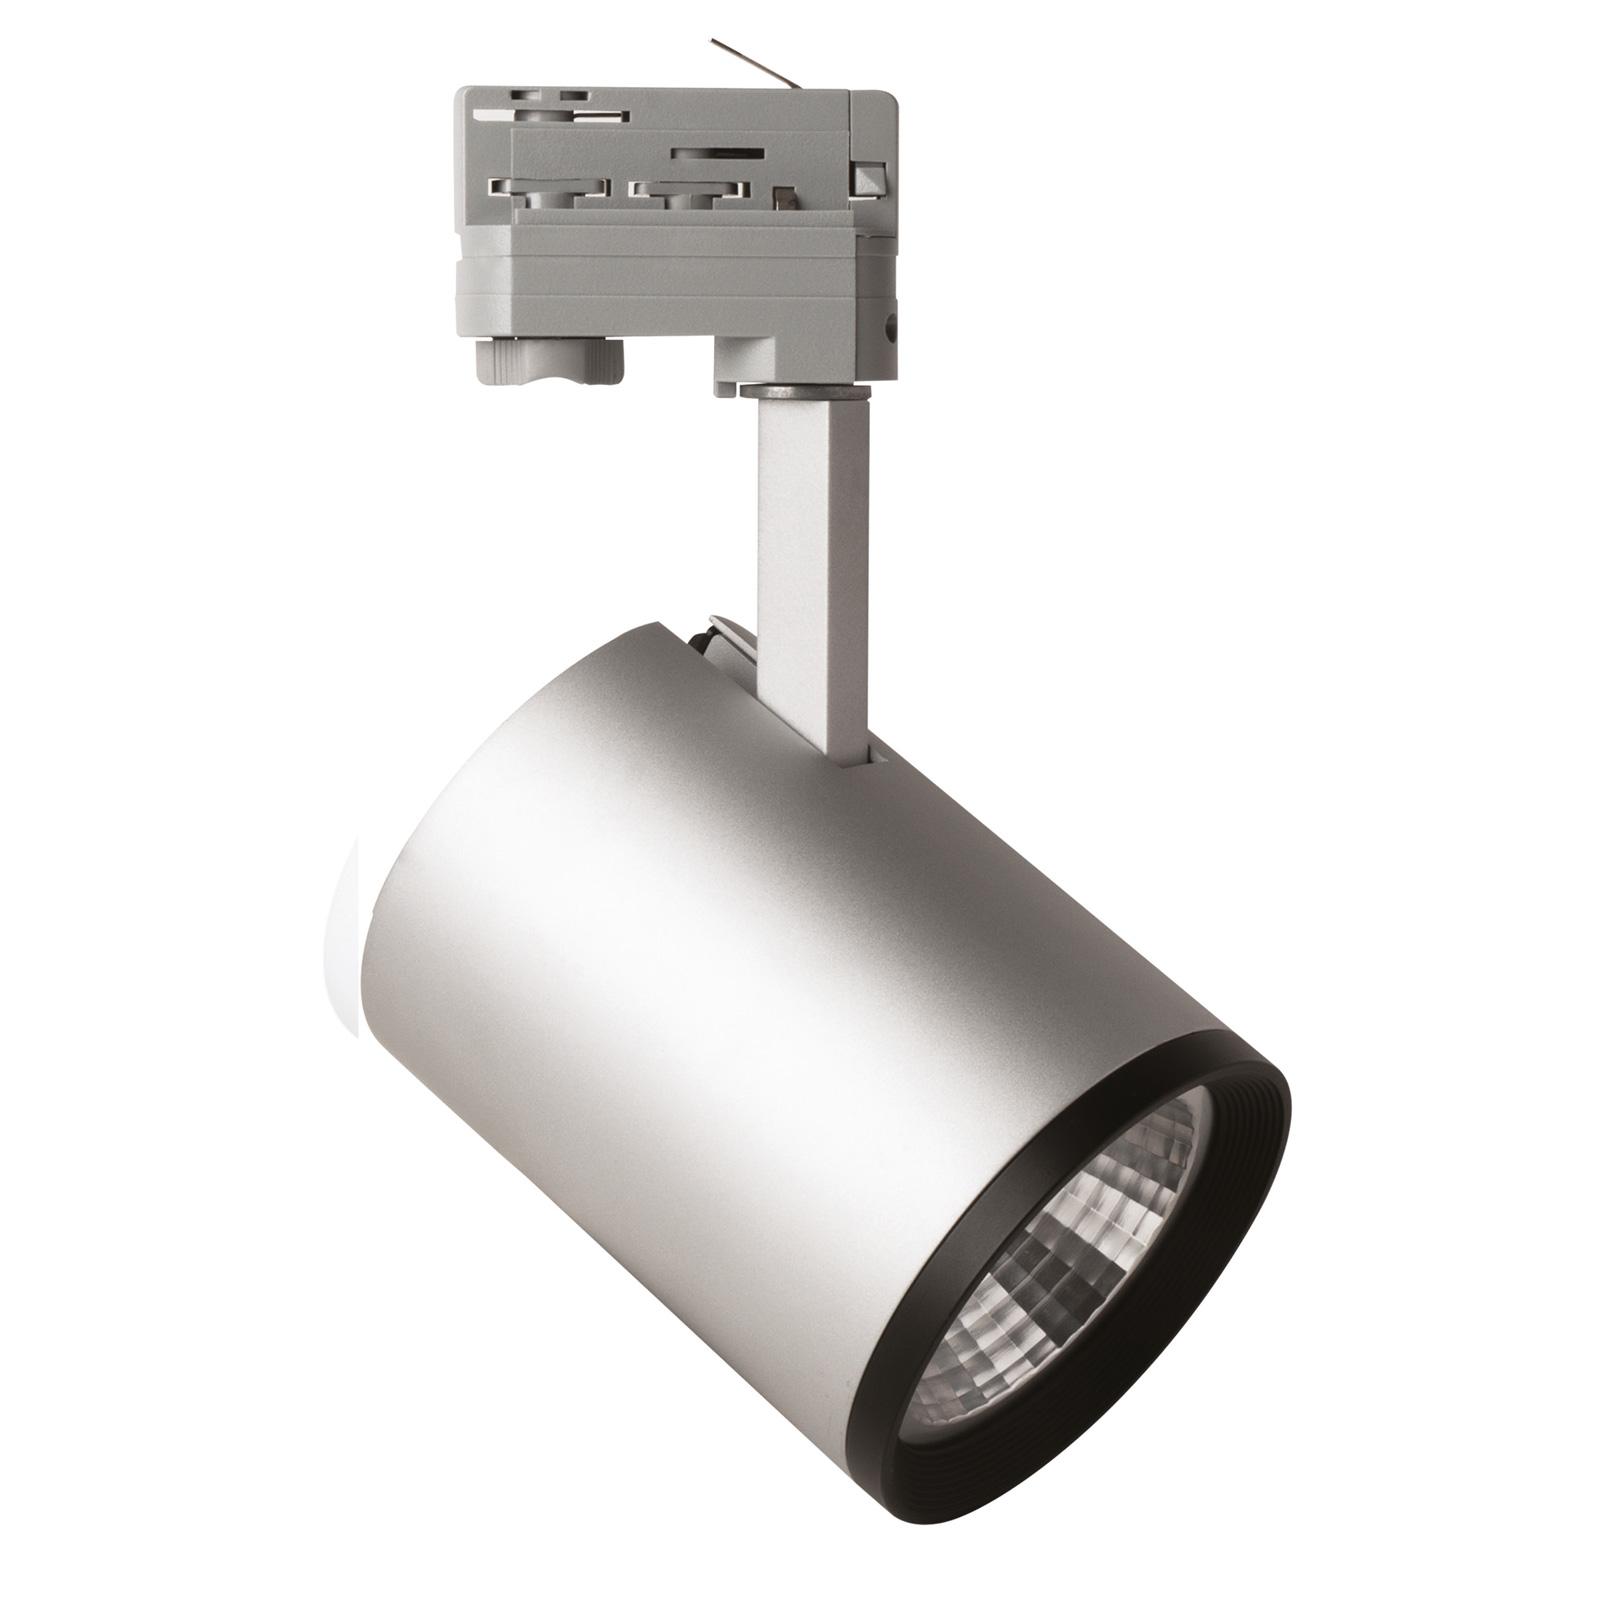 LED-Spot Marco für 3-Phasen-Schiene silber 3.000K